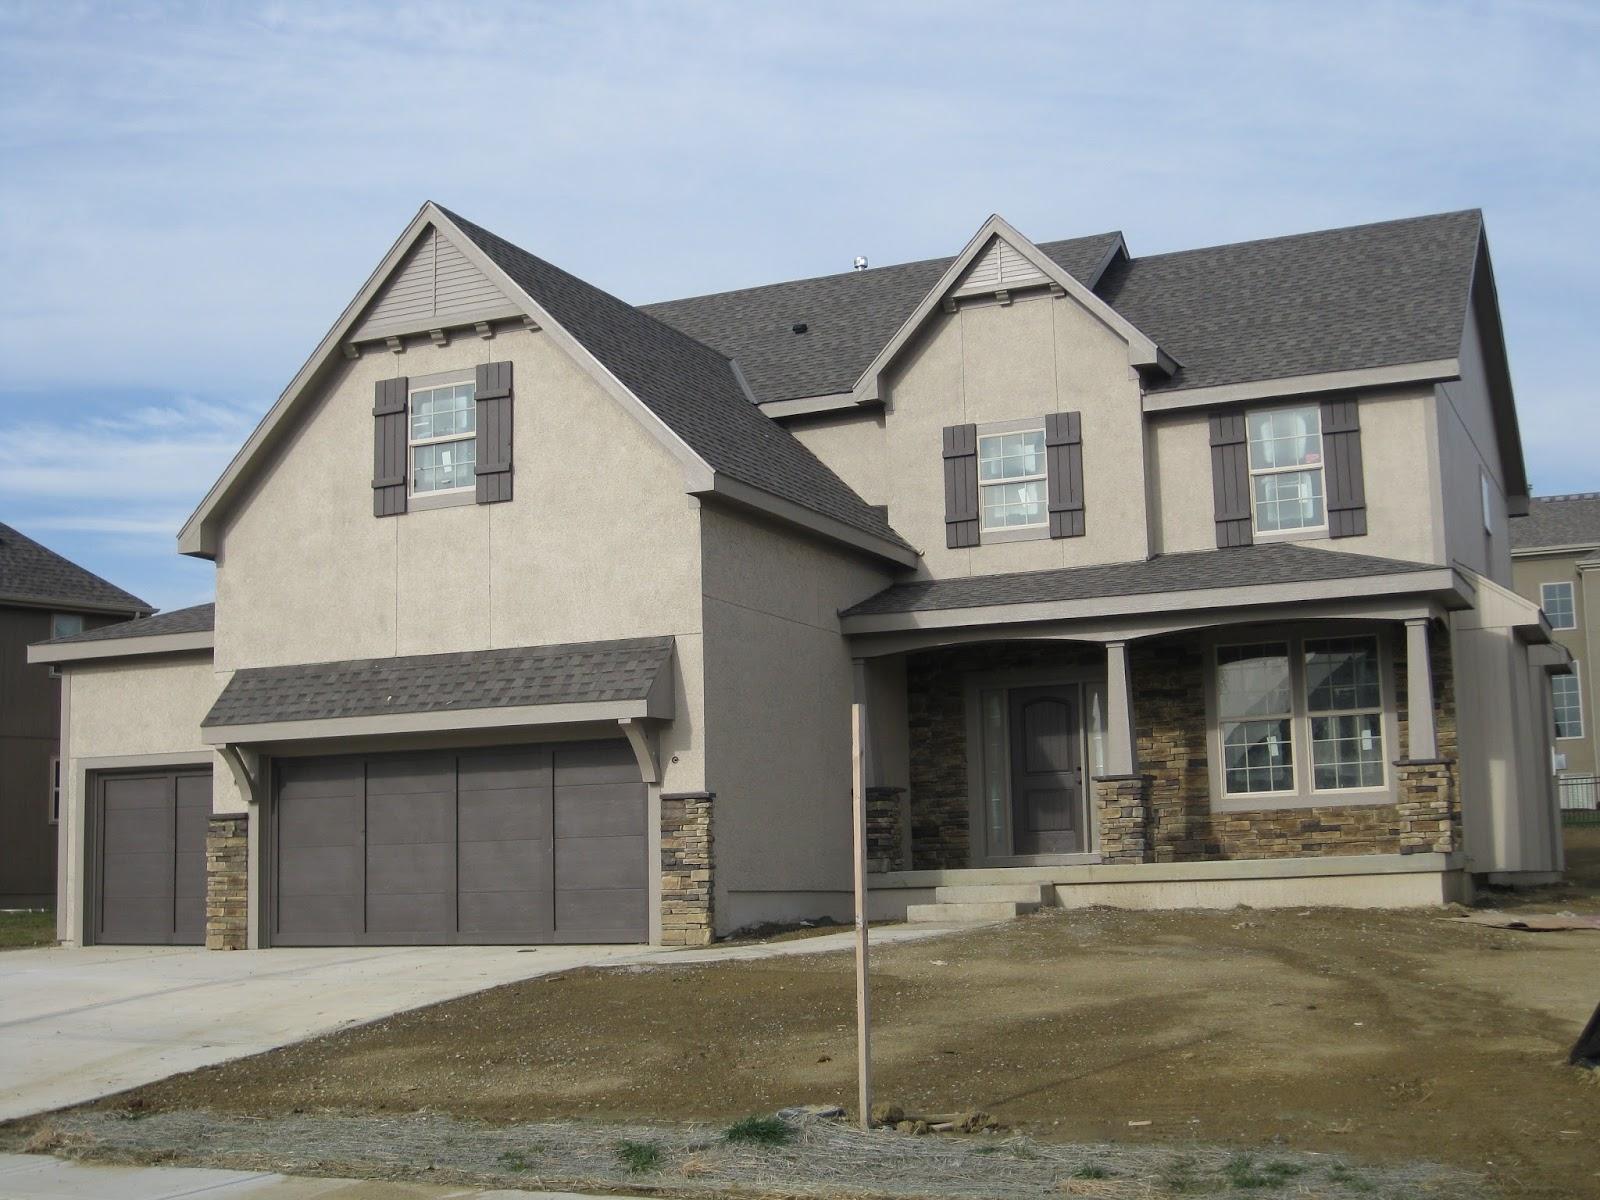 Life love larson exterior paint colors - Exterior house colors with black trim ...